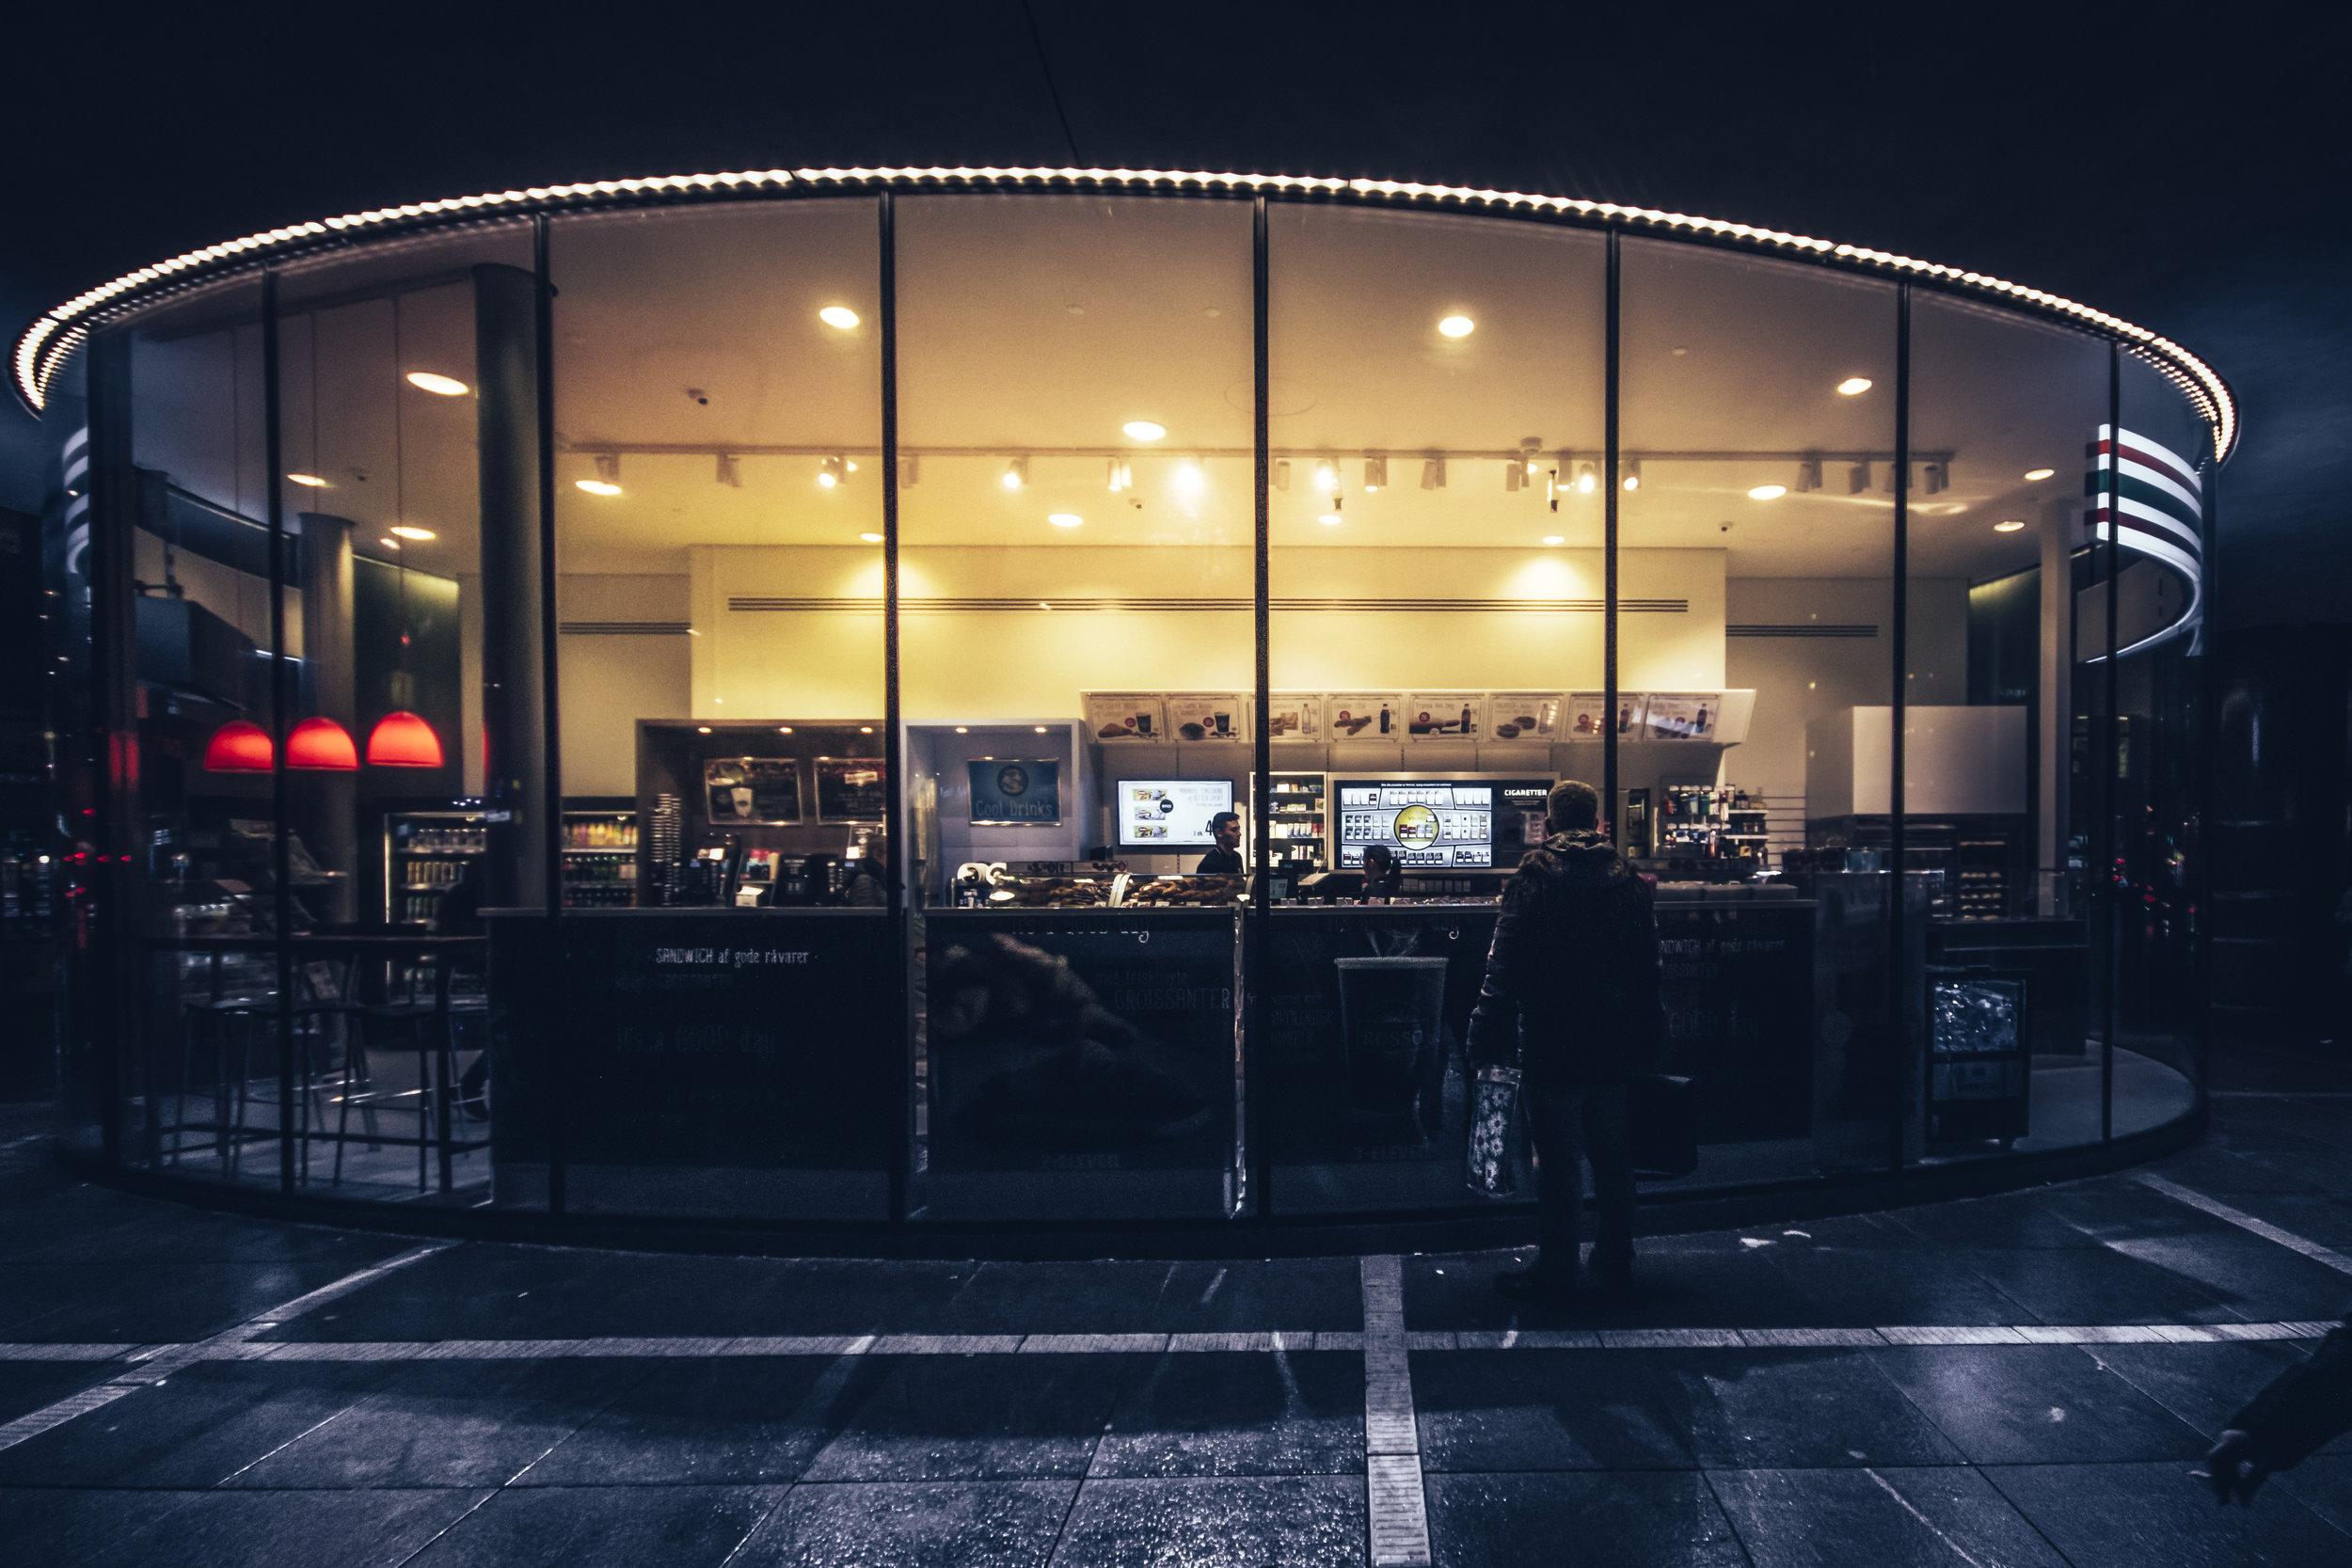 Nighttime Shopping